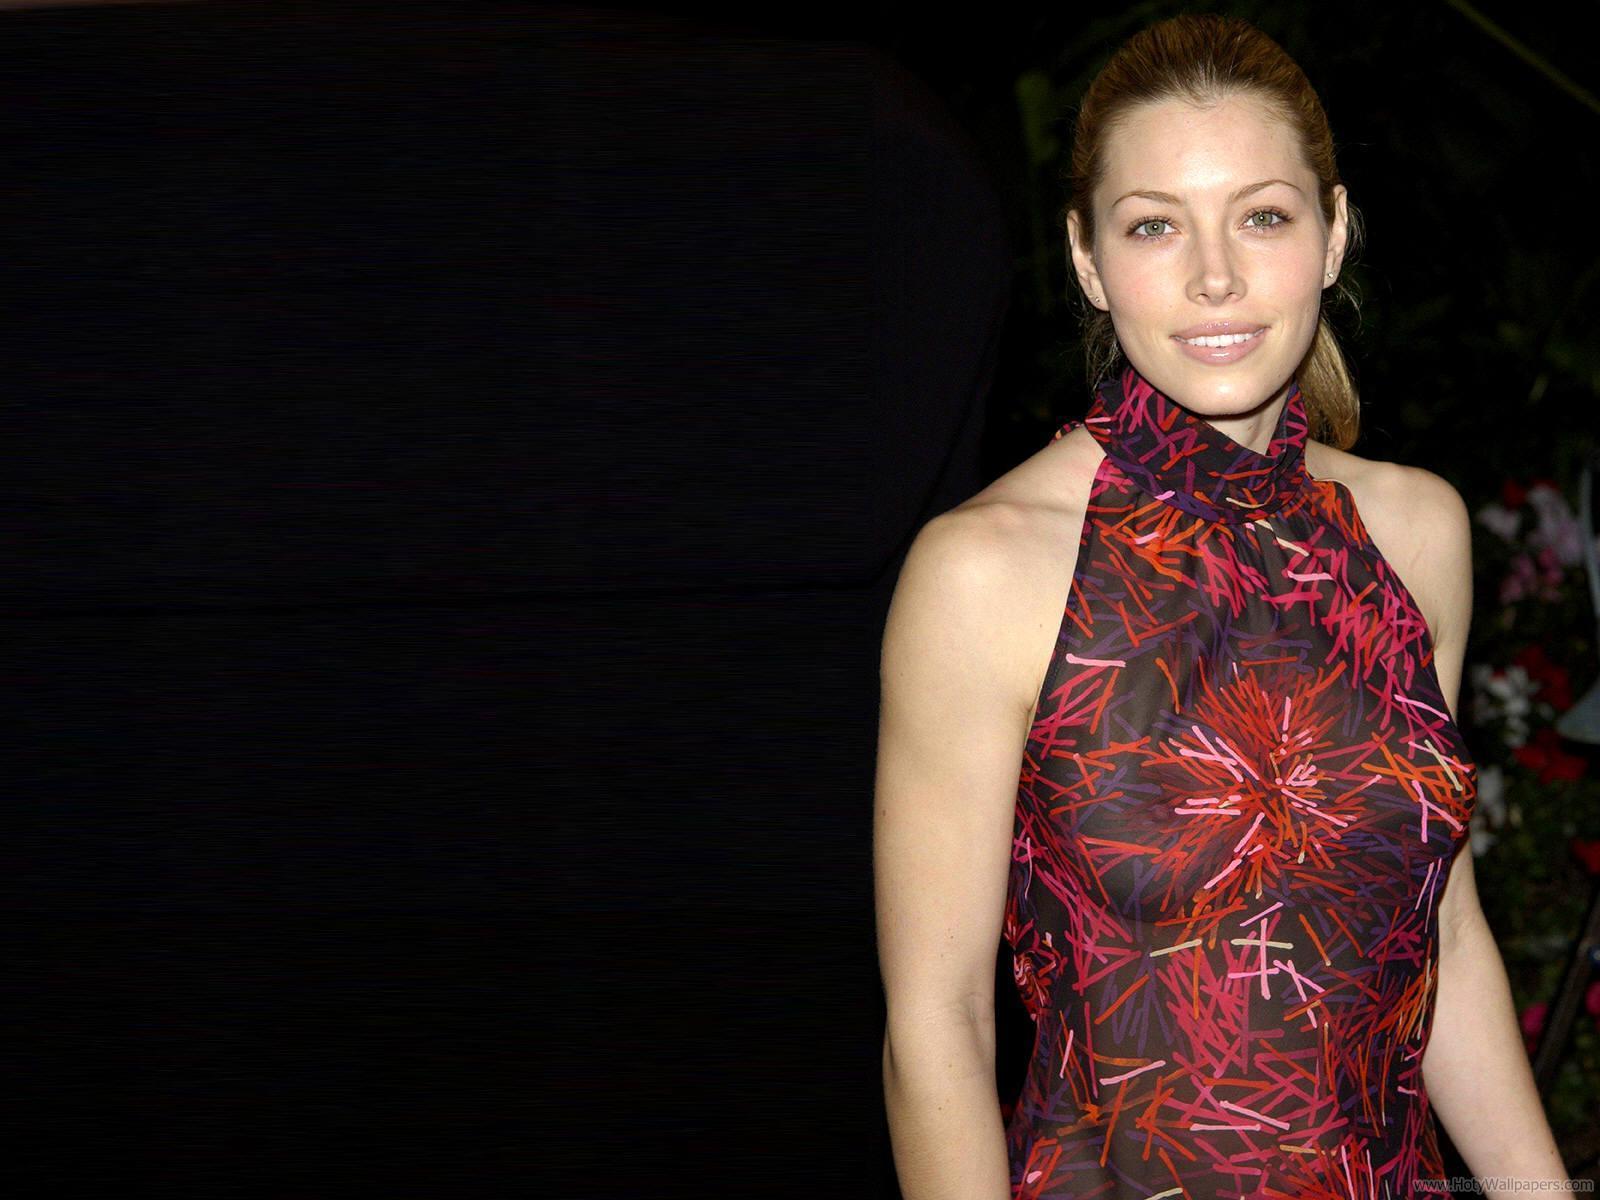 http://4.bp.blogspot.com/-mAf_w4_ergI/Tra3_CNHD7I/AAAAAAAAPlM/iOI5tYpaVvw/s1600/jessica_biel_actress_wide_wallpaper-06-1600x1200.jpg